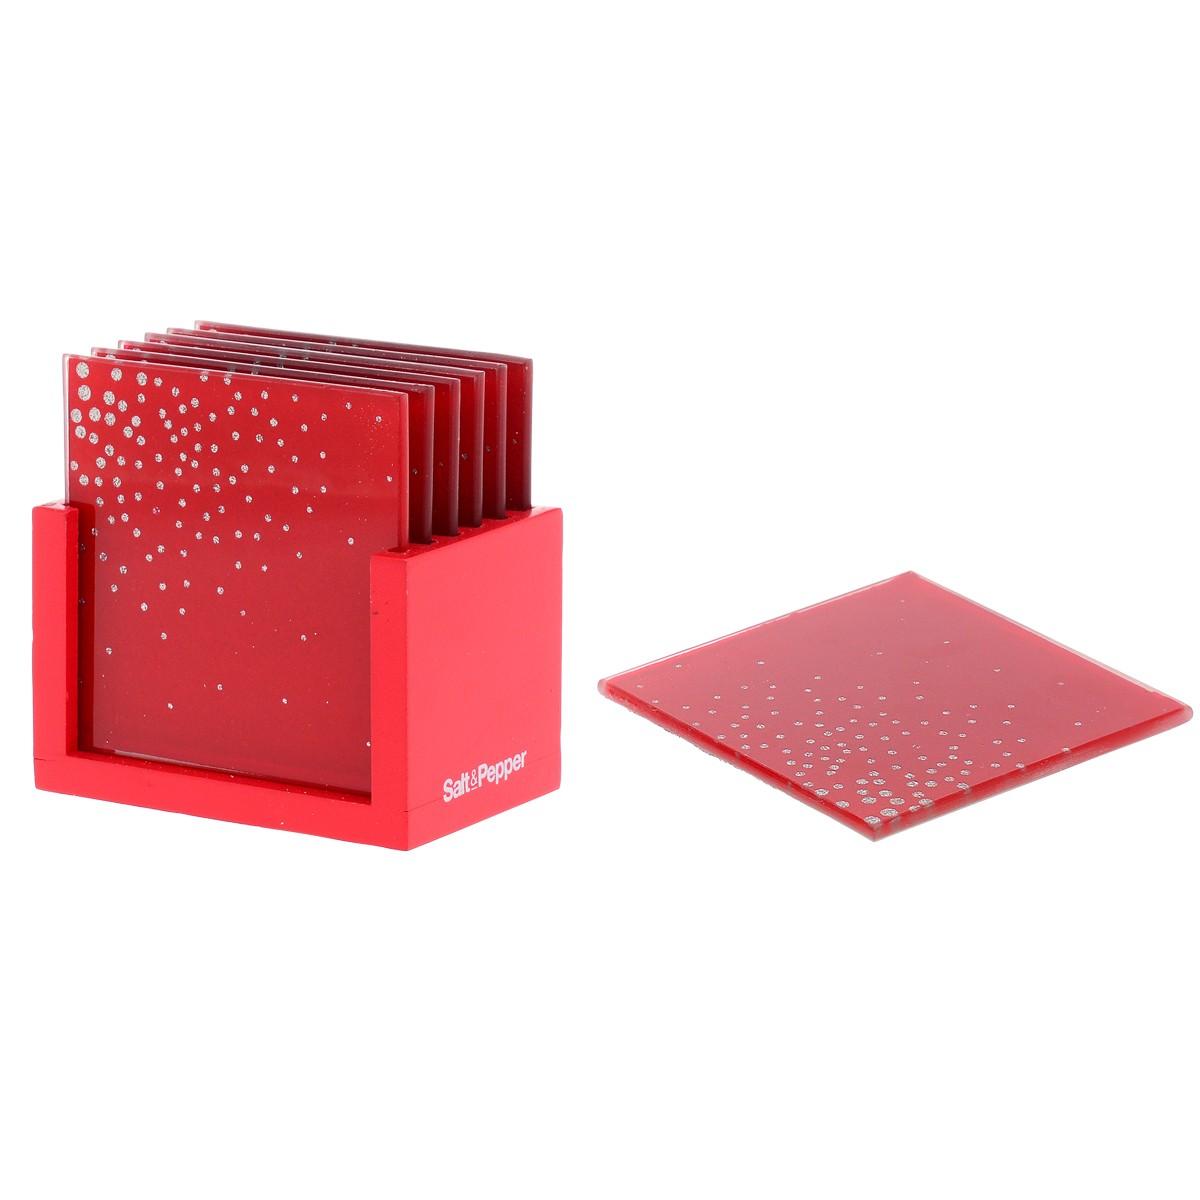 Σουβέρ (Σετ 6τμχ) Salt & Pepper Coasters BAM39204